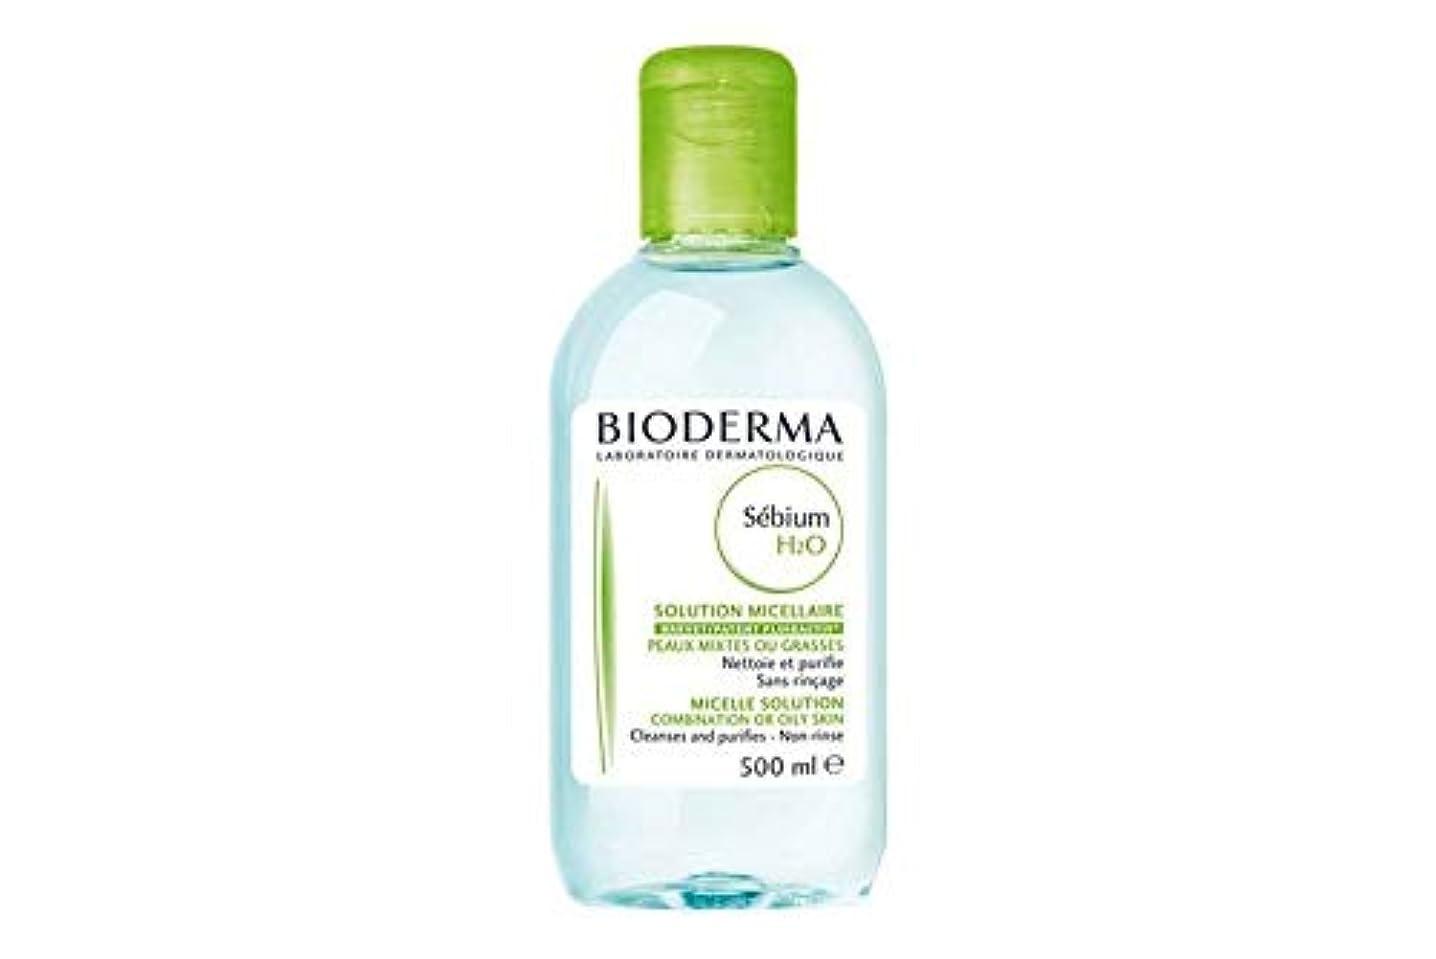 発生する尊敬経済的ビオデルマ セビウム H2O (エイチ ツーオー) D 500mL(BIODERMA)